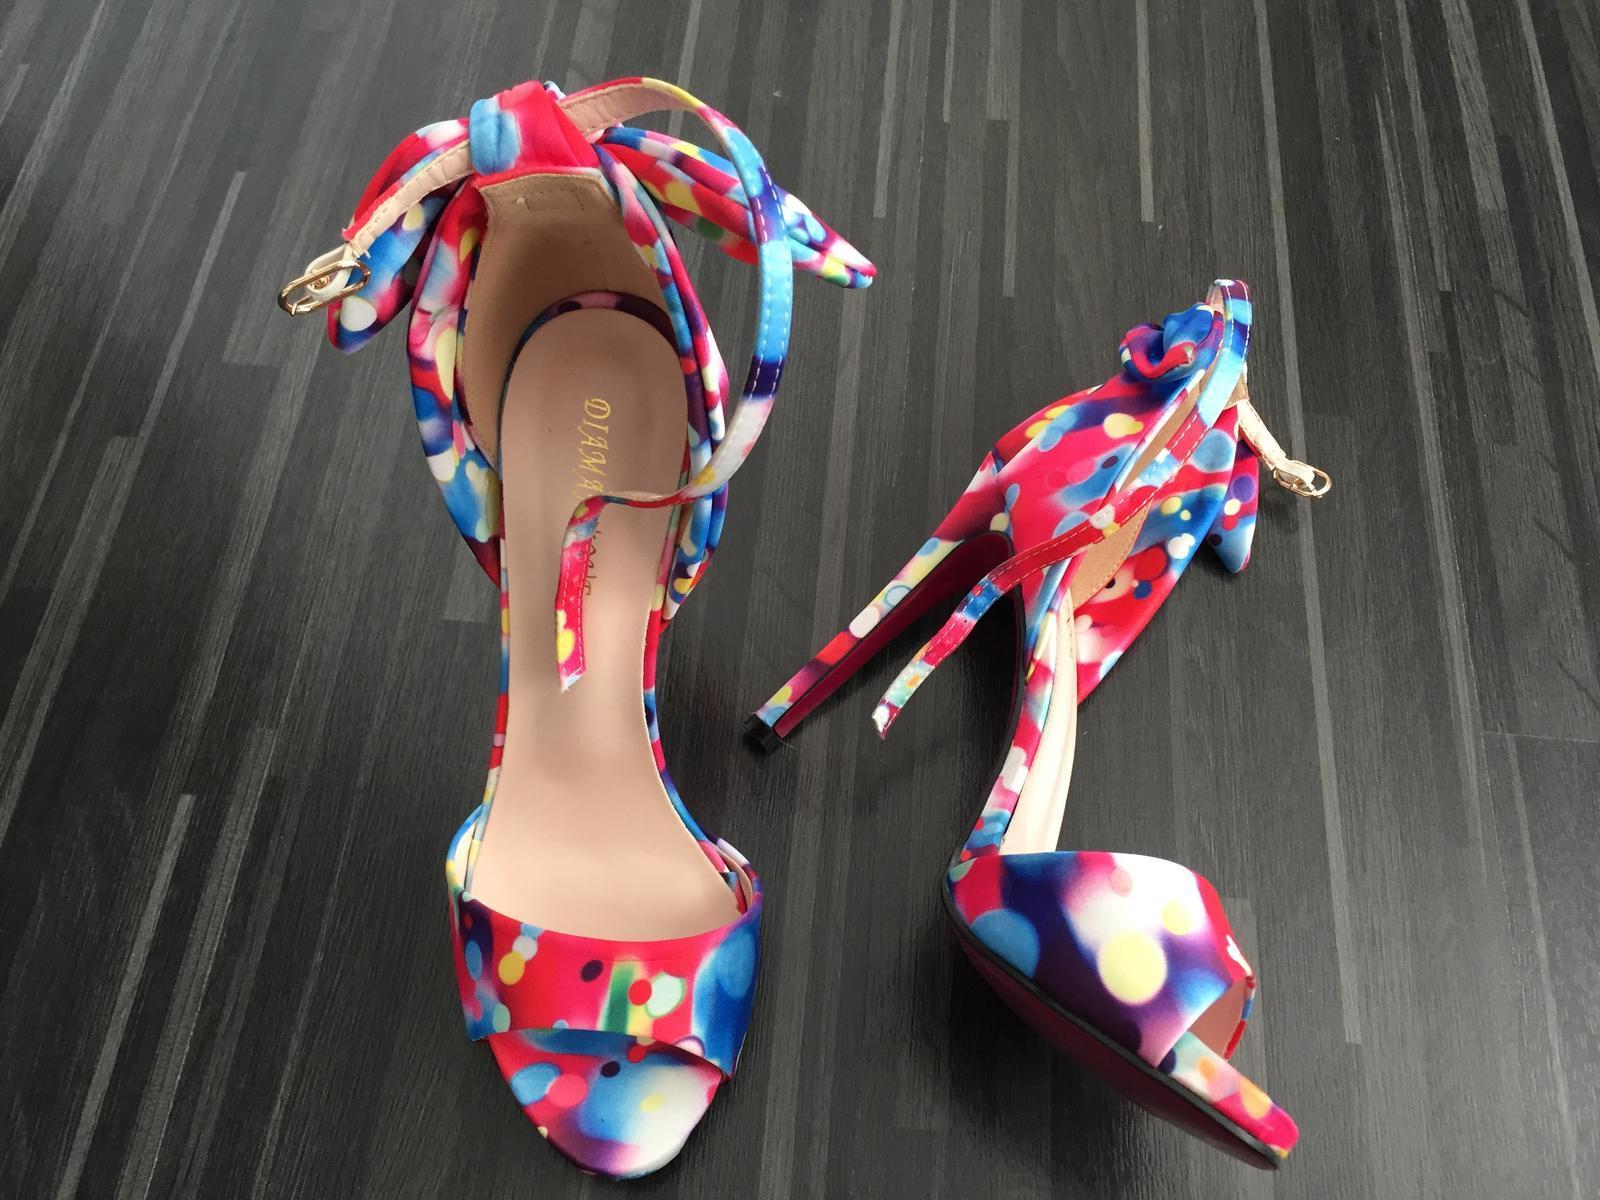 83b55930d Farebné sandálky s mašľou, 38 - 30 € od predávajúcej ikina177 | Detský  bazár | ModryKonik.sk